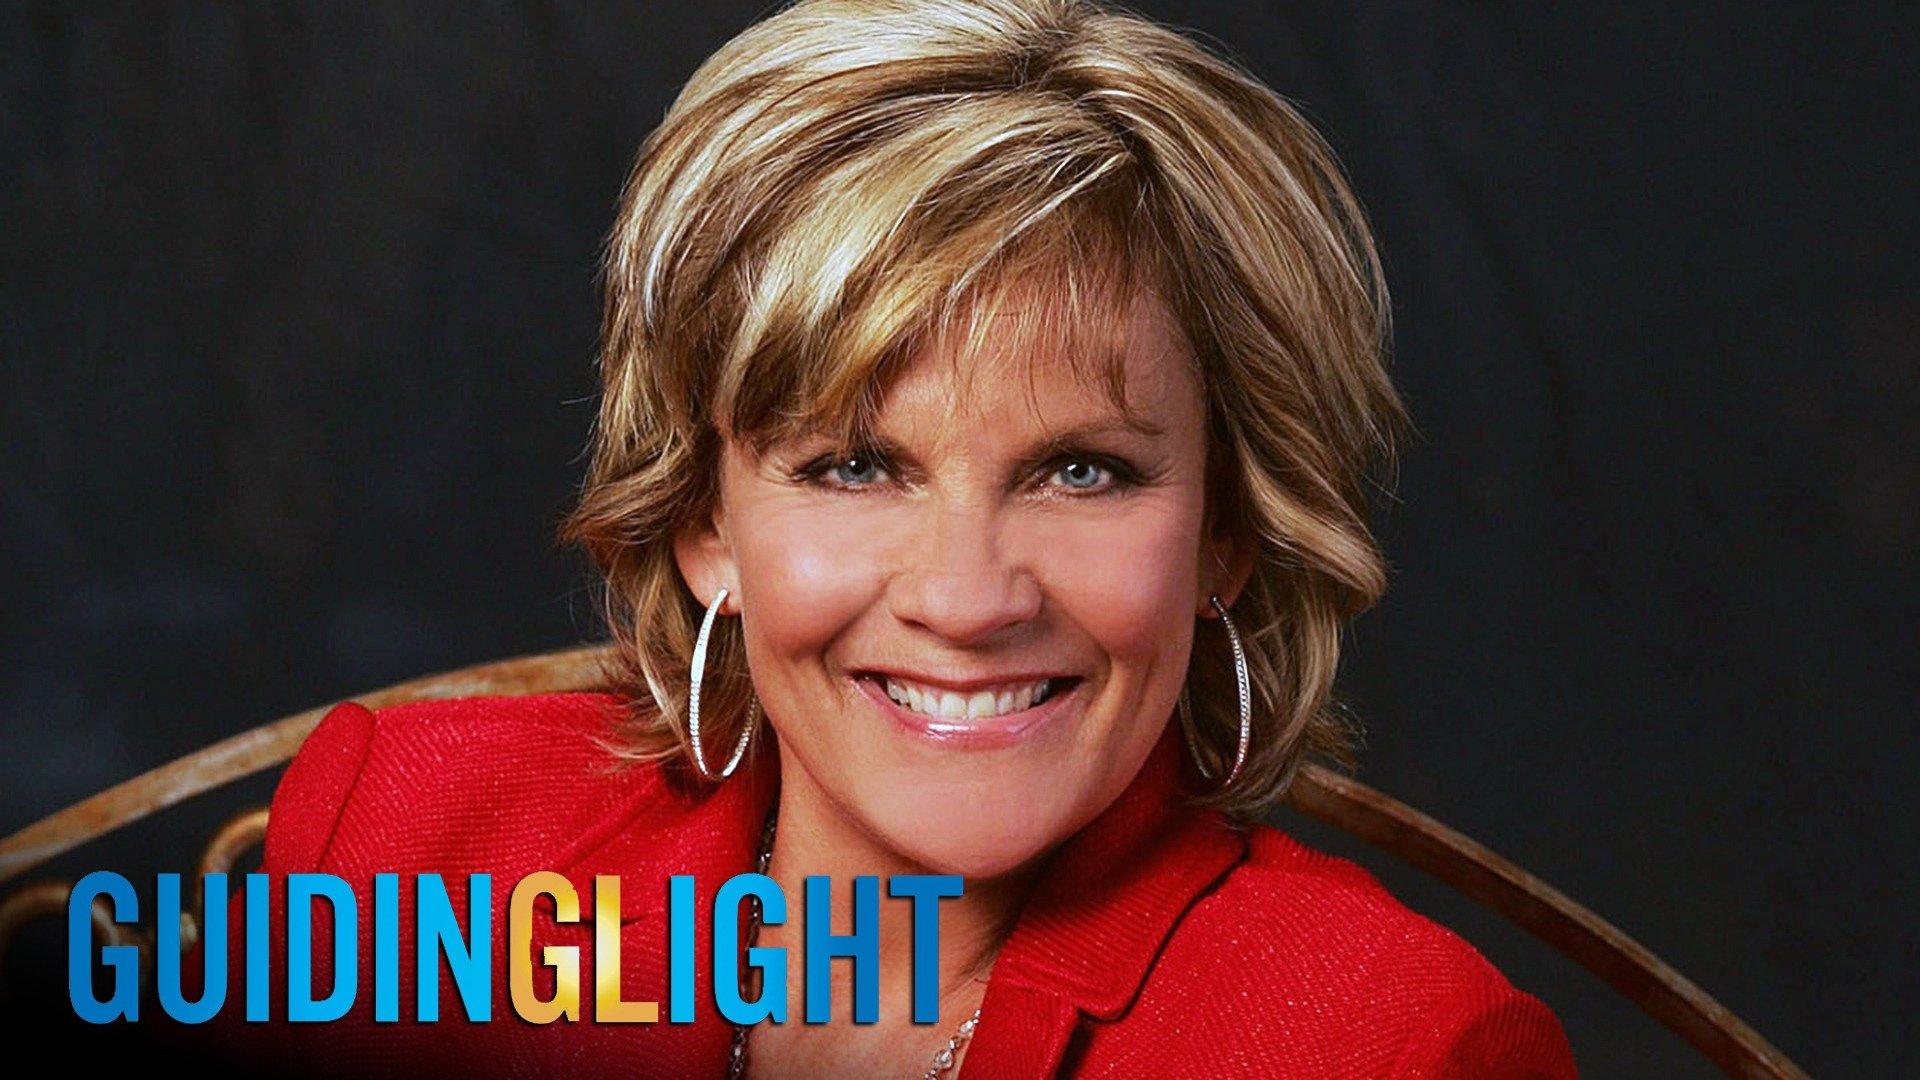 Guiding Light (CBS)